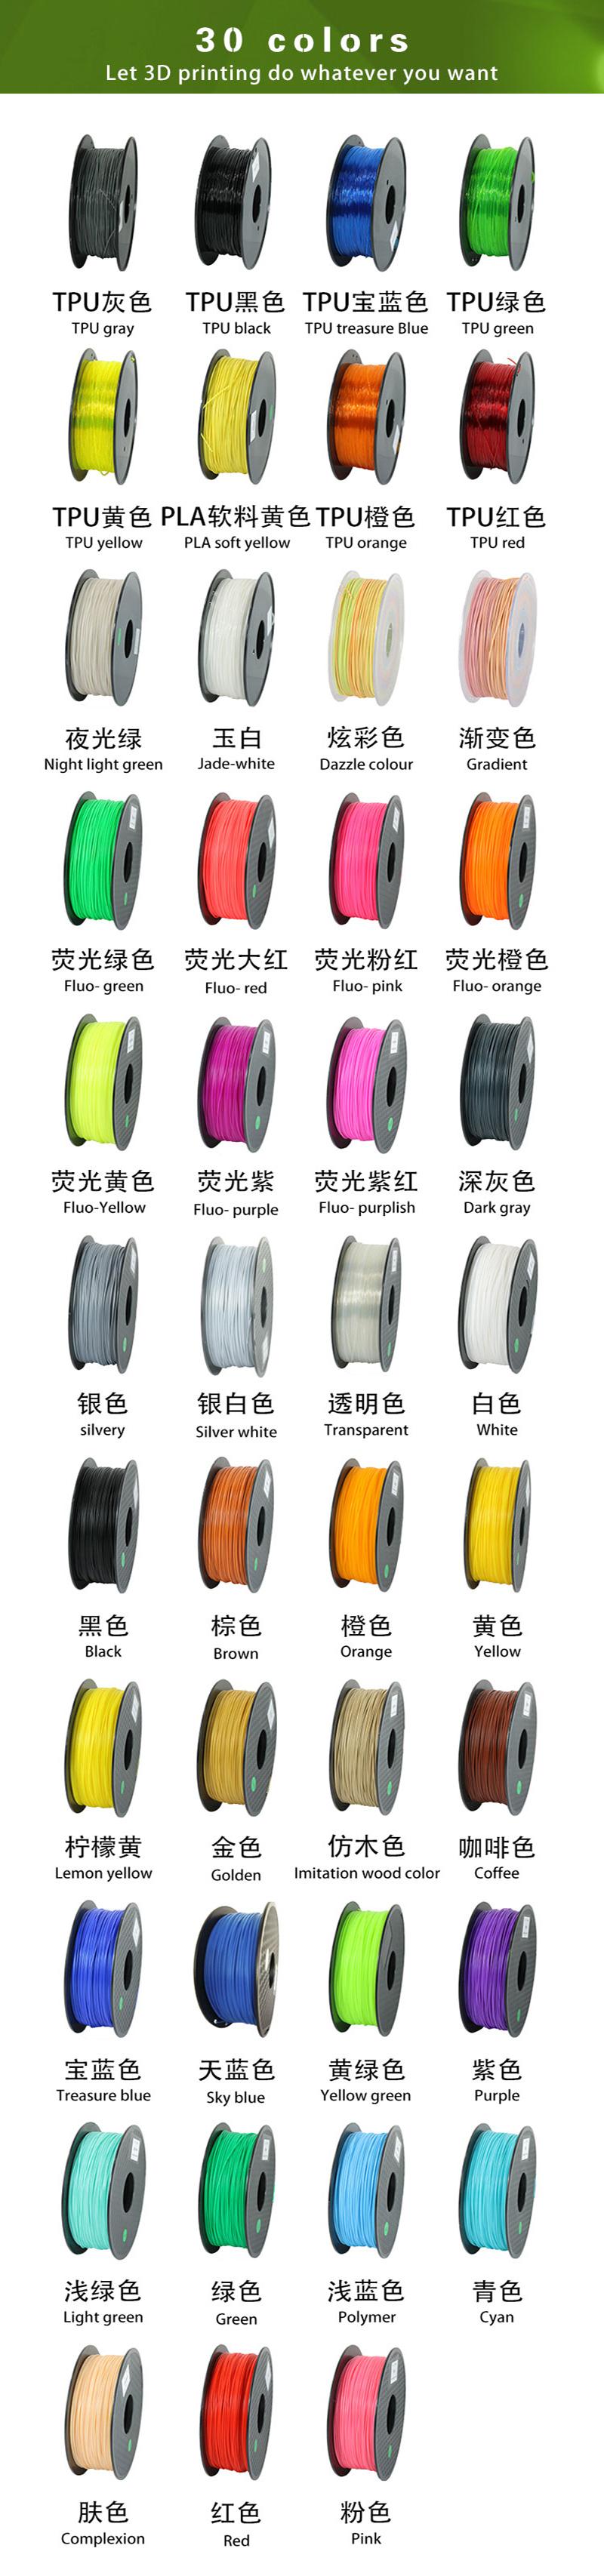 tpu filament 1 75 Purchasing